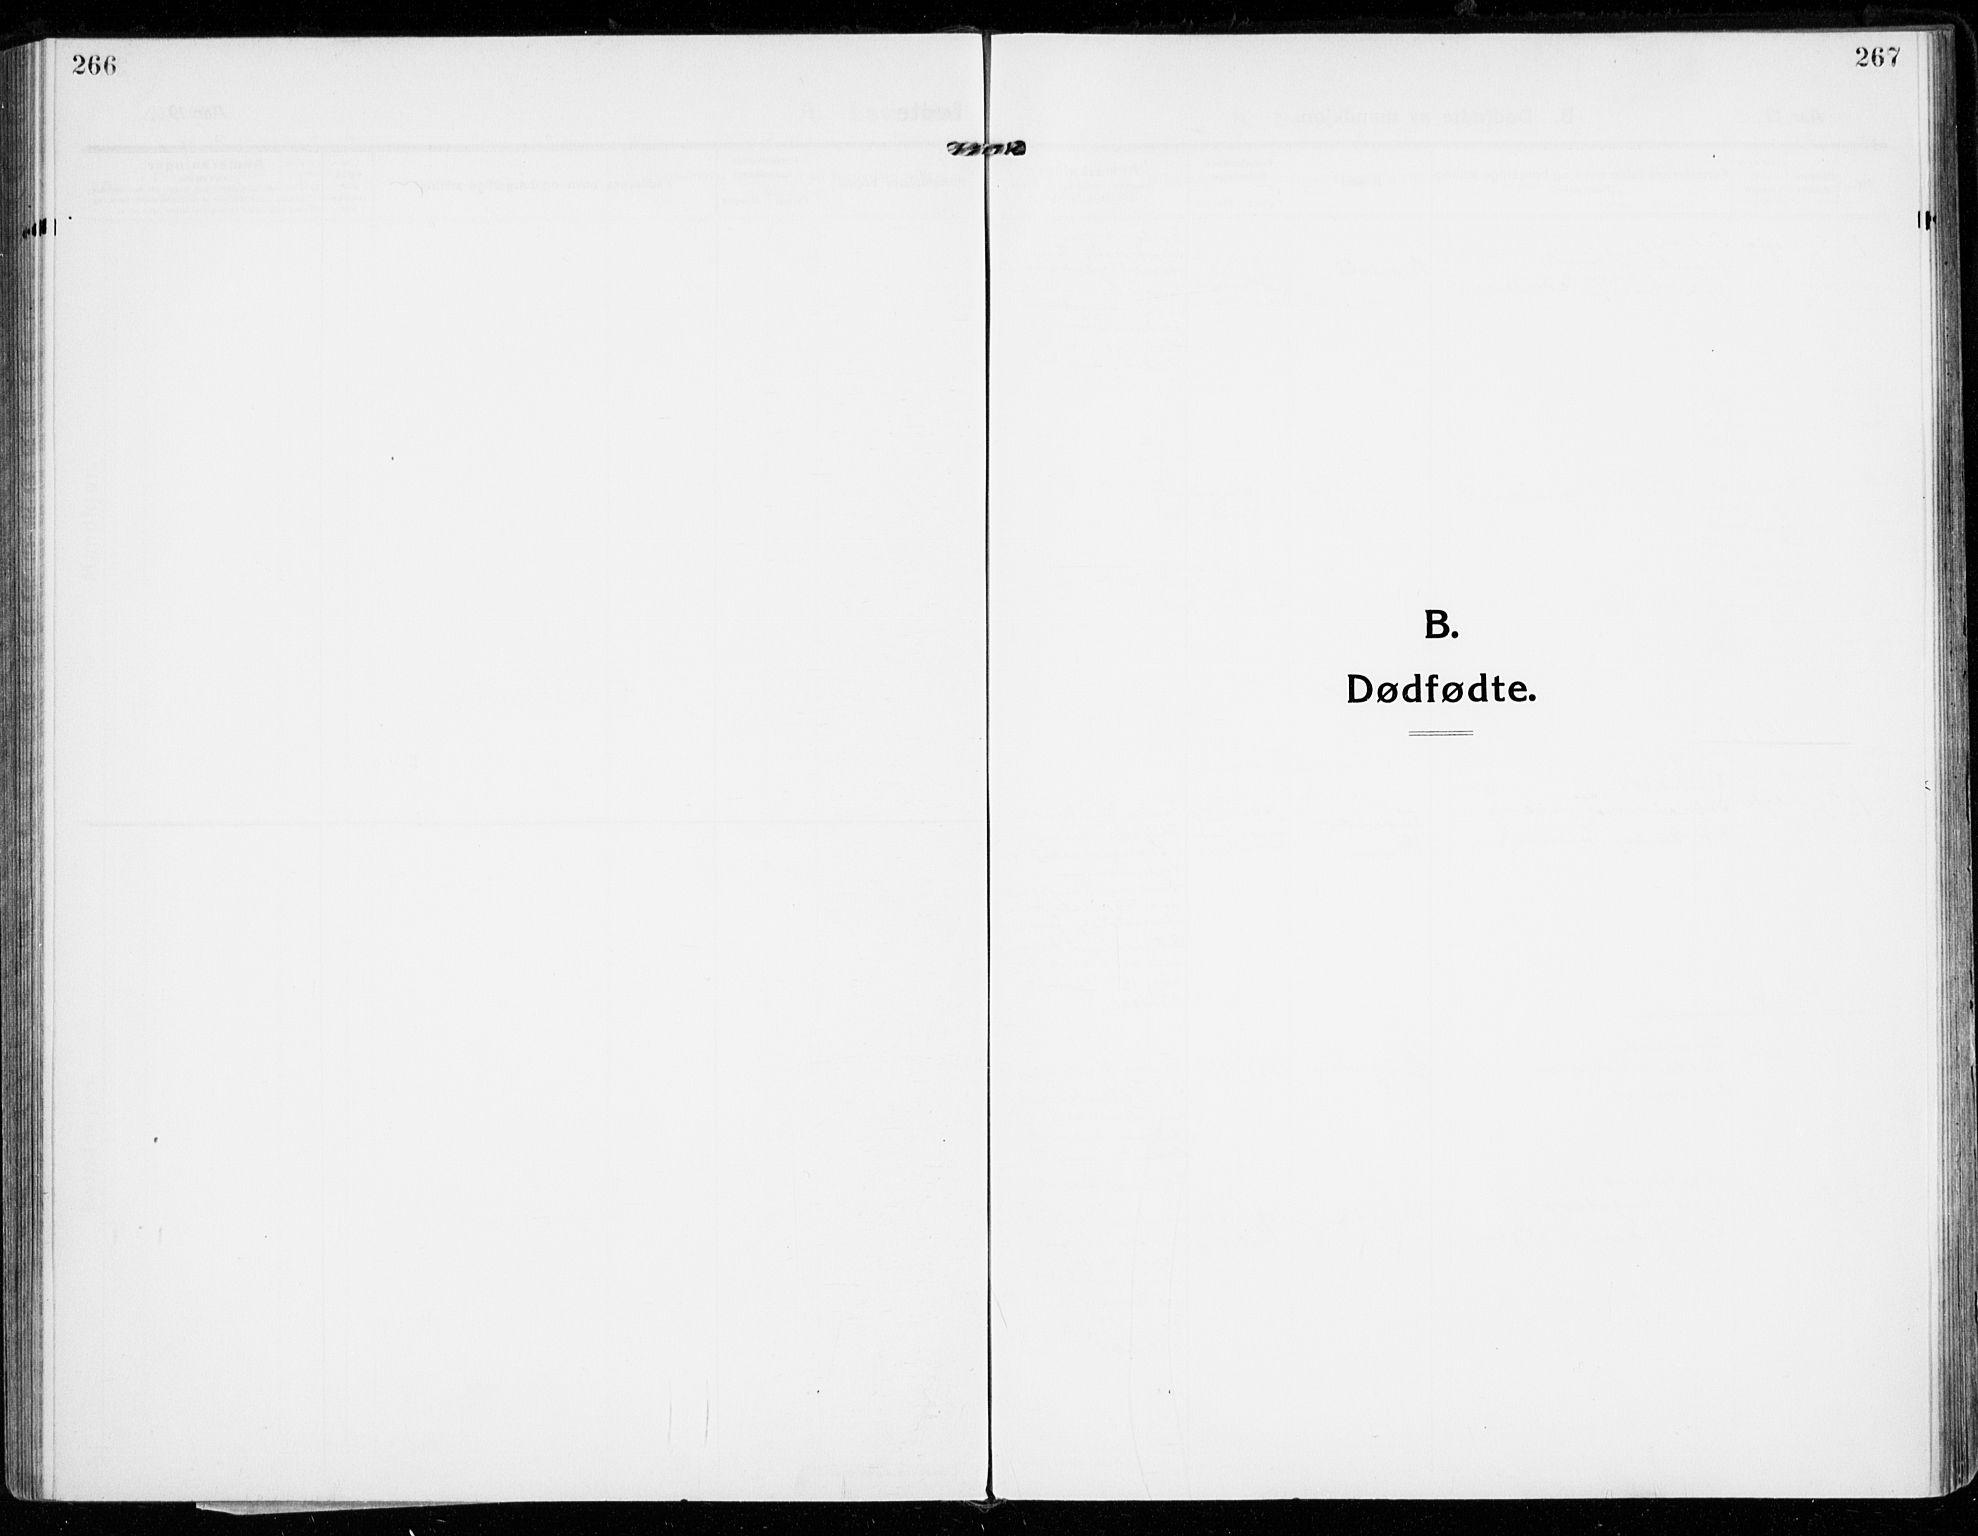 SAKO, Strømsgodset kirkebøker, F/Fa/L0002: Ministerialbok nr. 2, 1910-1920, s. 266-267